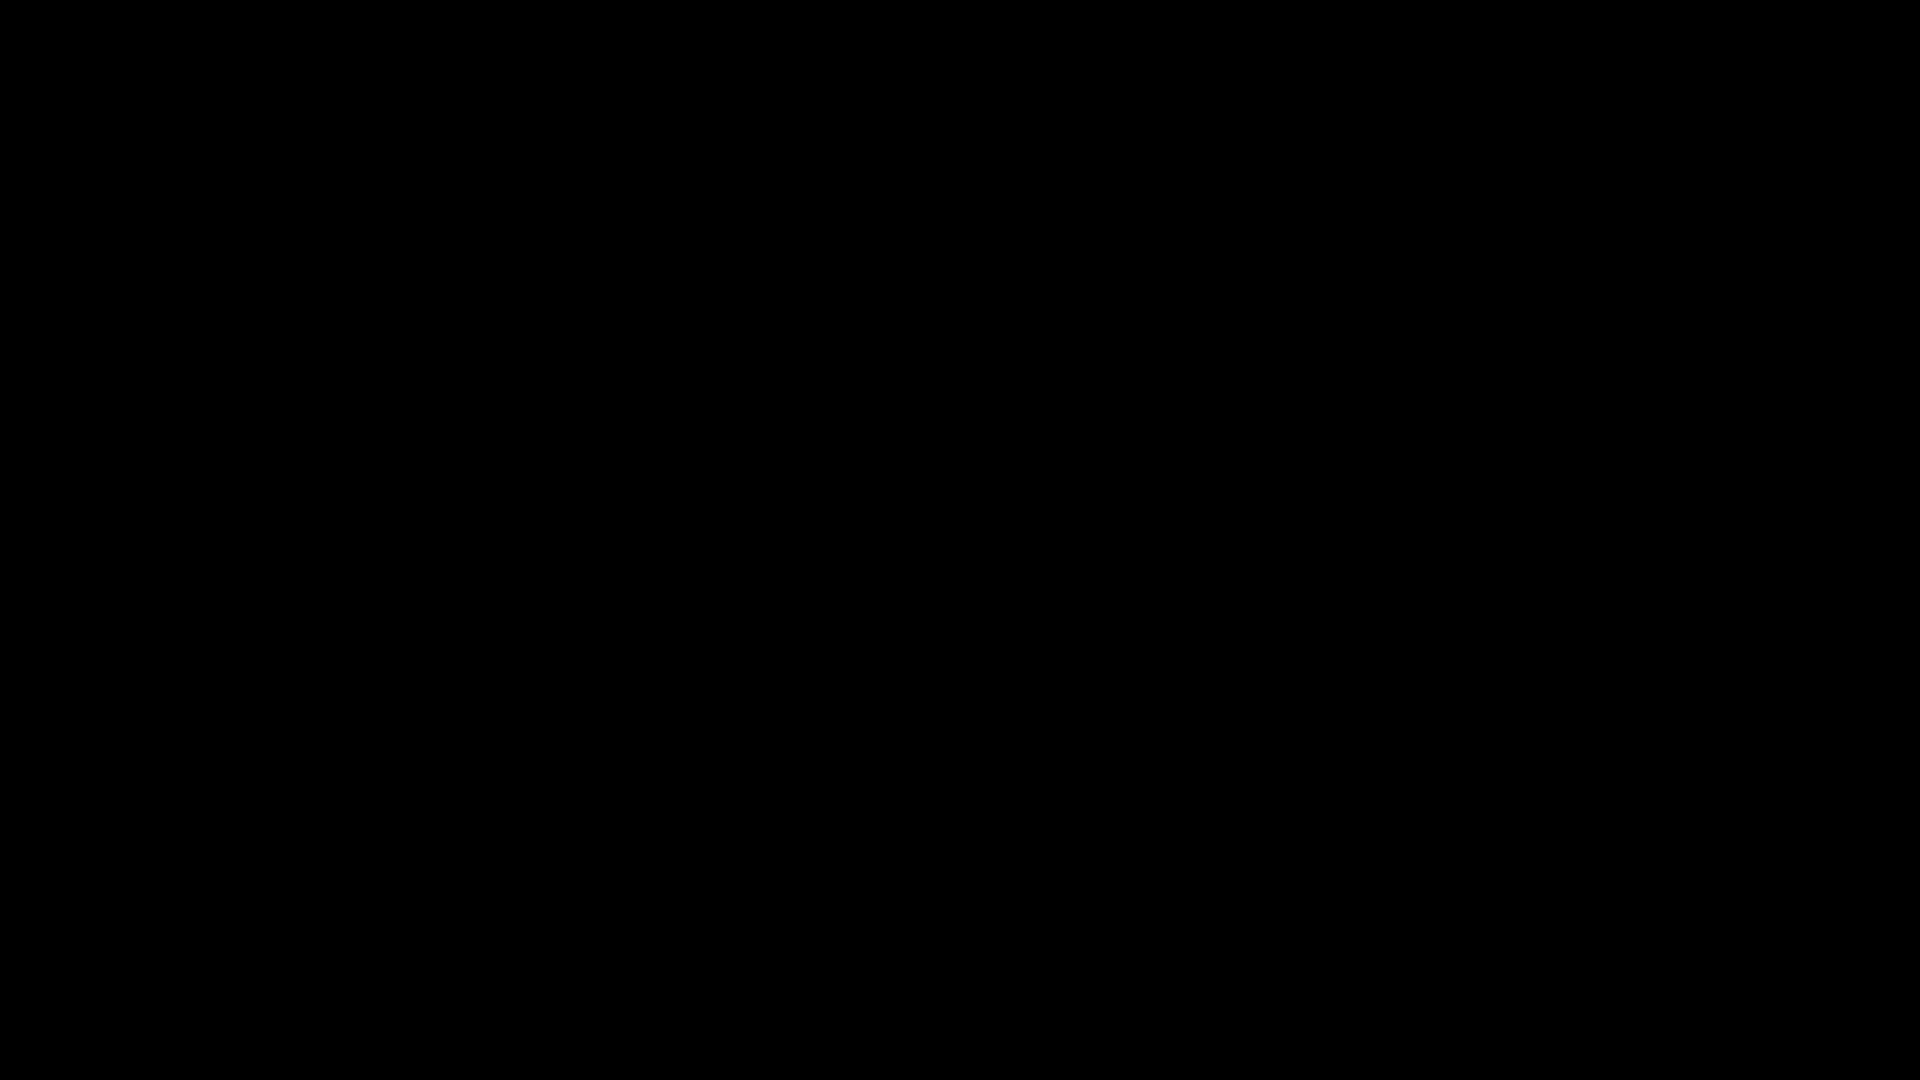 潜入!!韓国秘密のトイレ!Vol.01 女子トイレ 盗撮戯れ無修正画像 97PICs 4